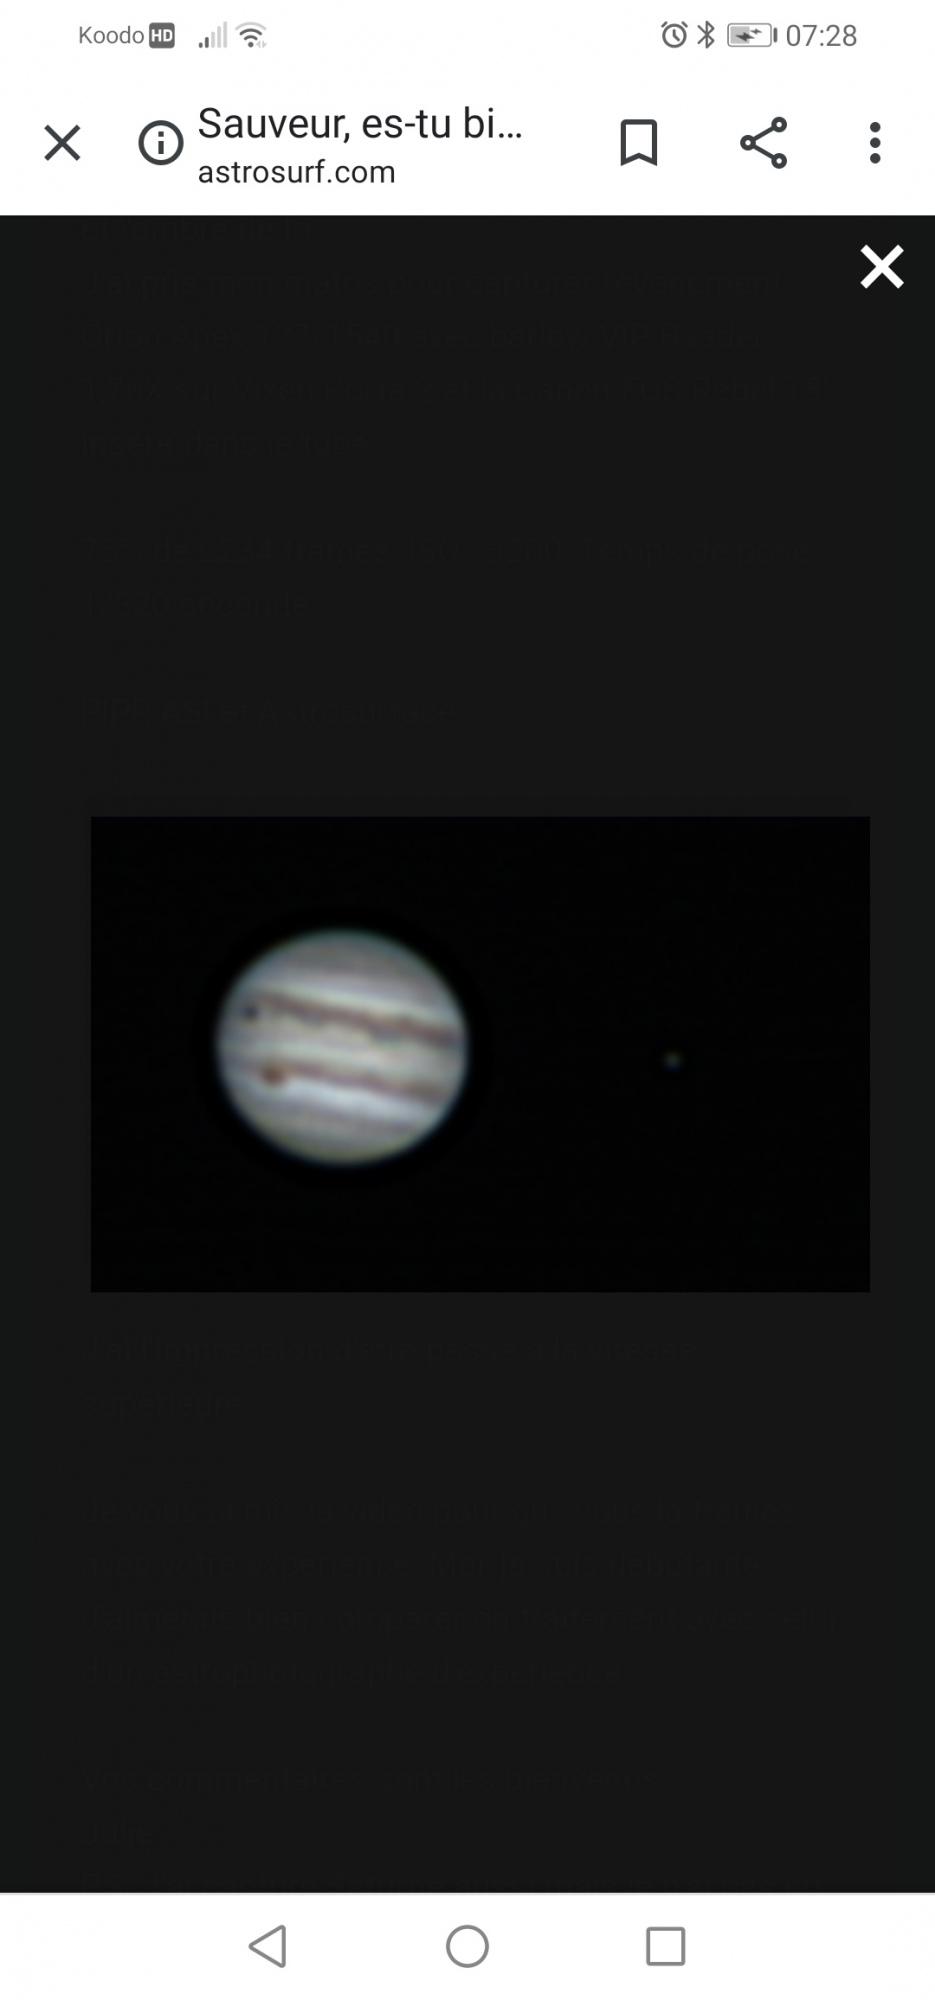 Screenshot_20200810_072841_com.android.chrome.thumb.jpg.3d340f1df4614d271b09ce702844530d.jpg